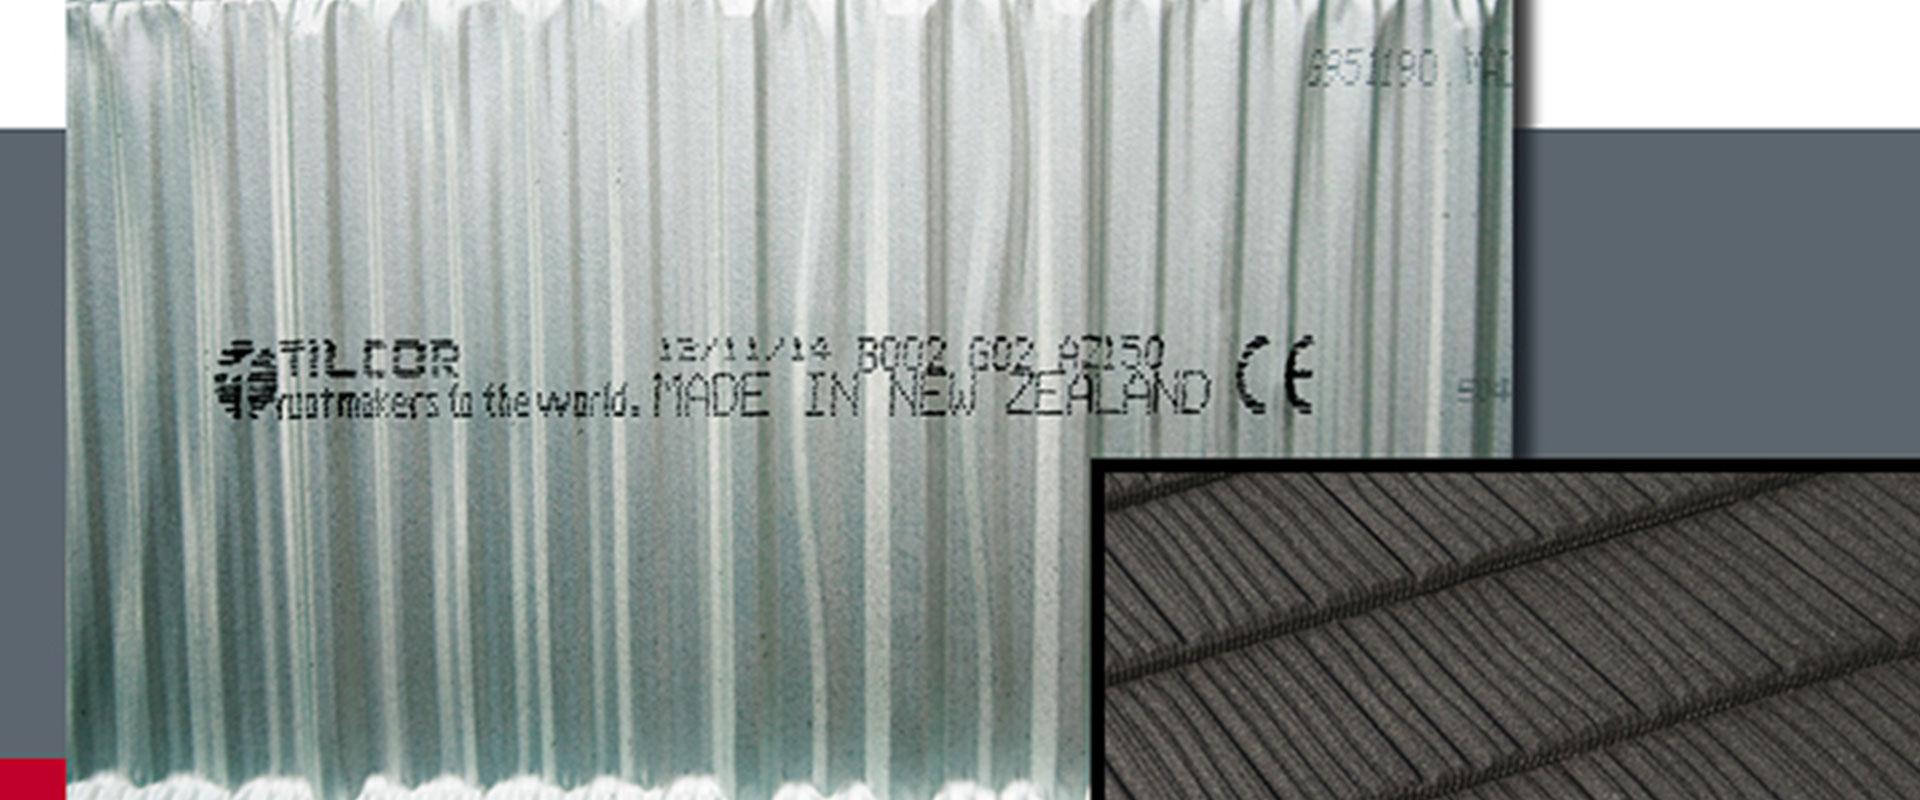 tilcor-reklama